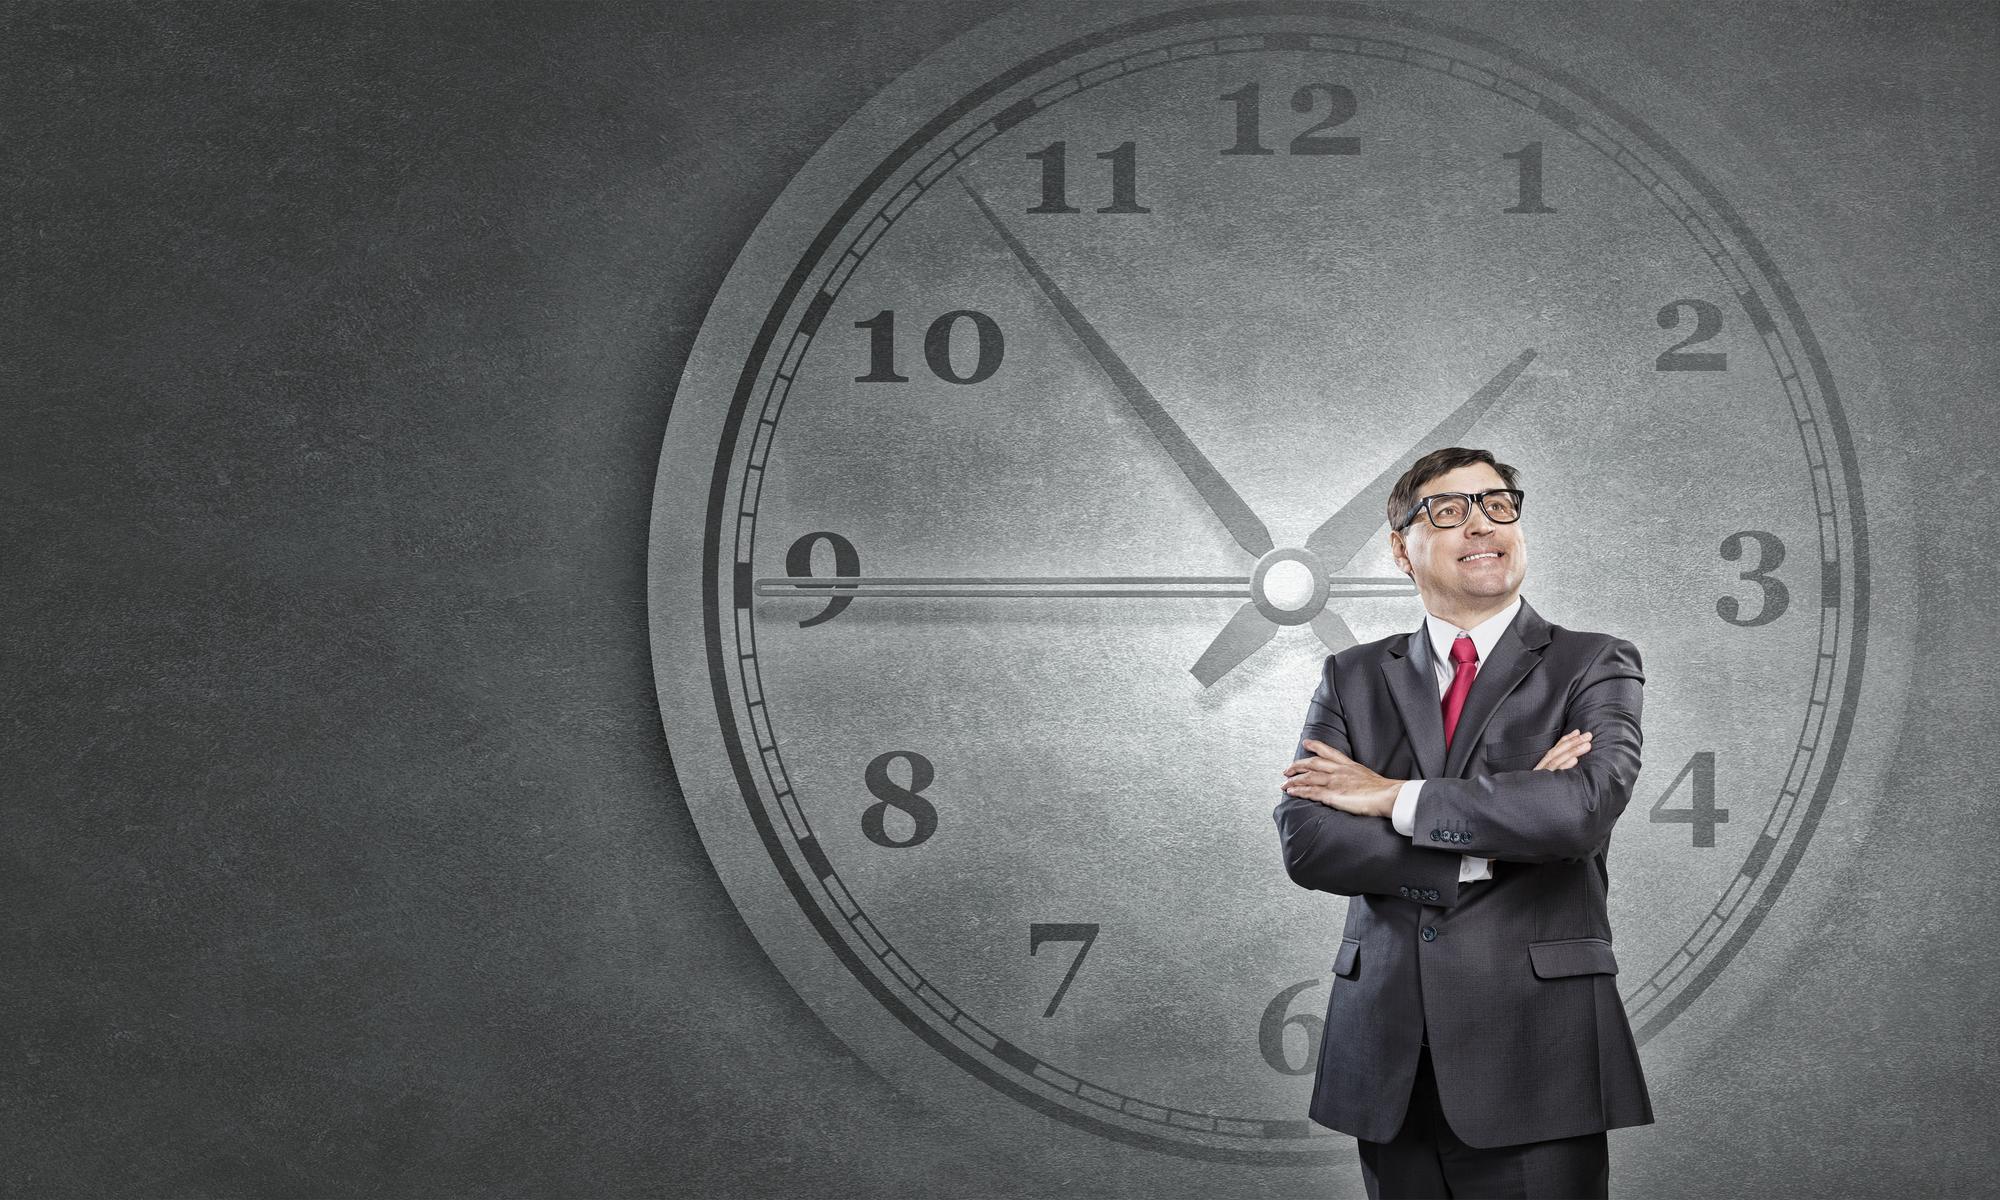 起業する年齢は何歳がベスト?様々なデータと経験から分析してみた!